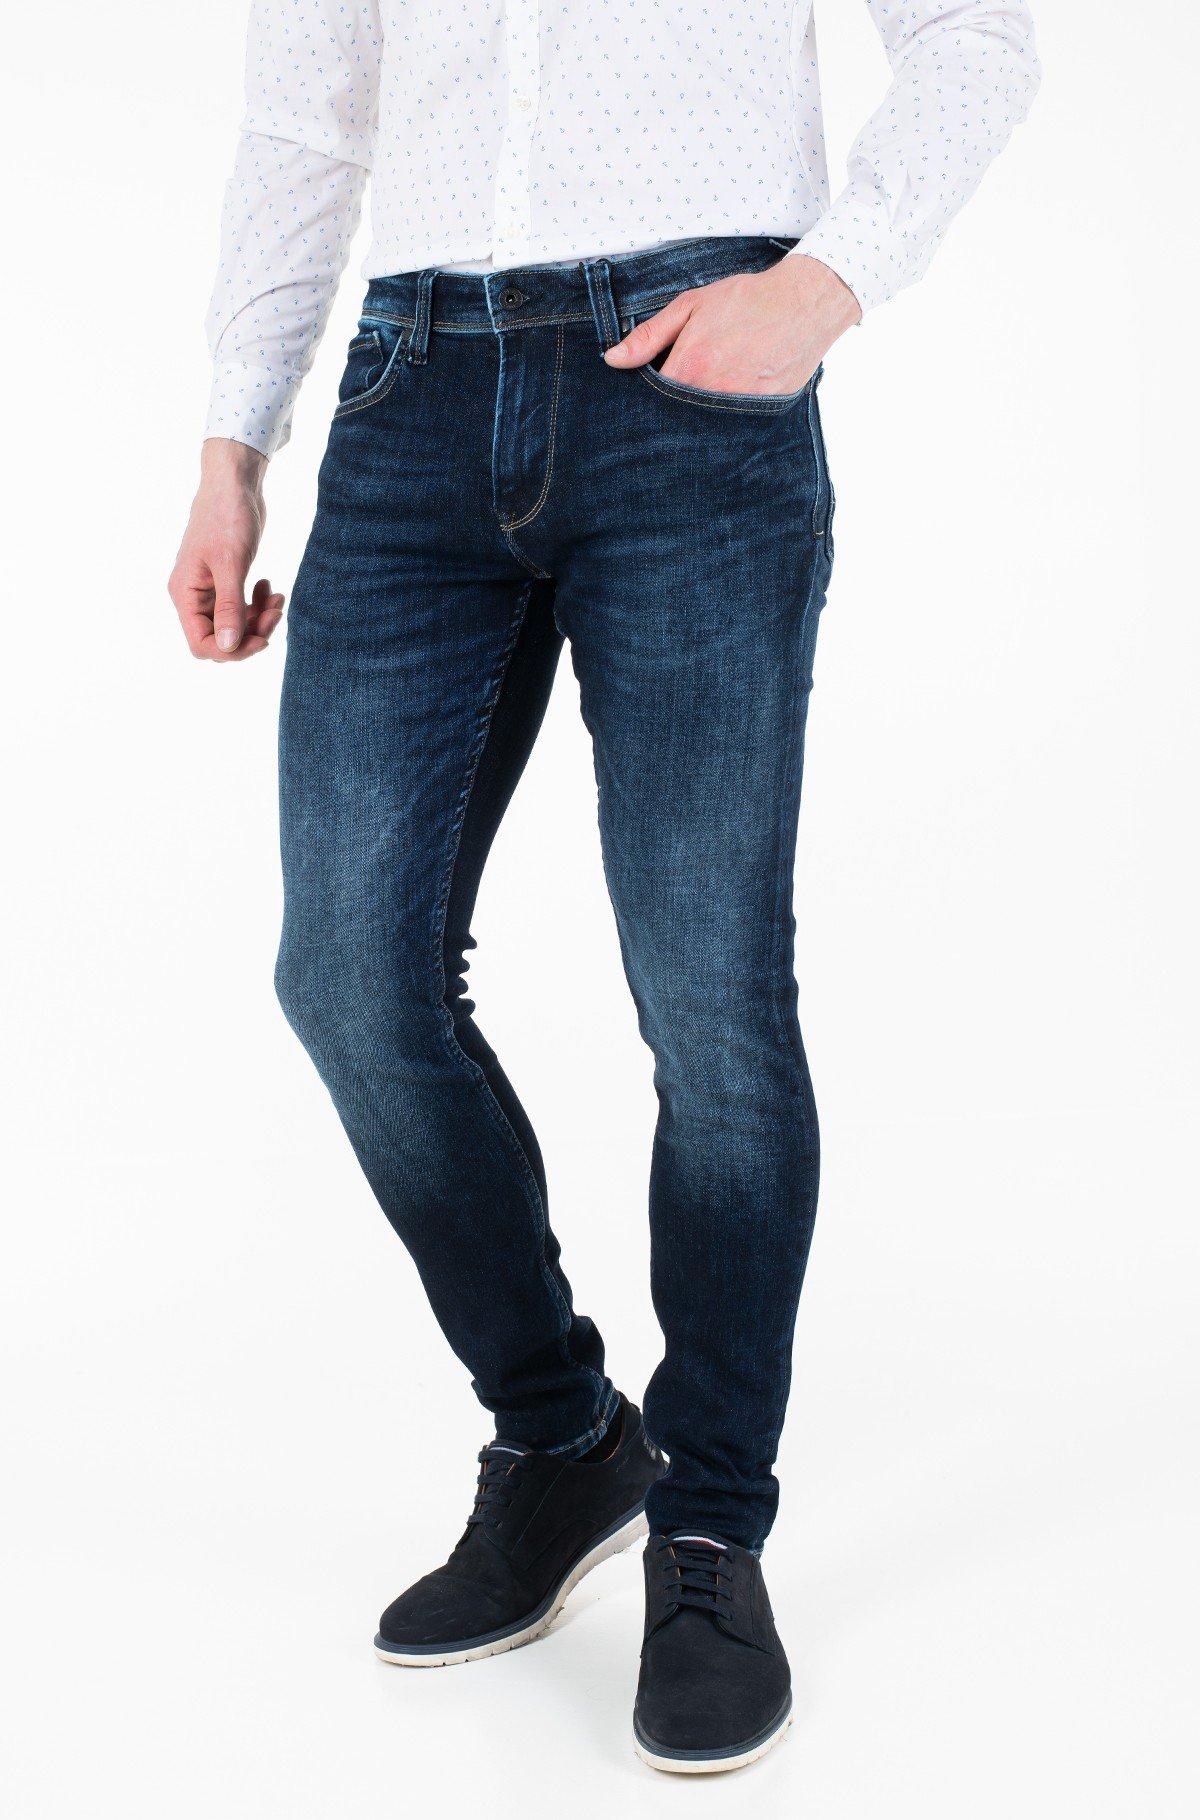 Jeans FINSBURY/PM200338DA5-full-1